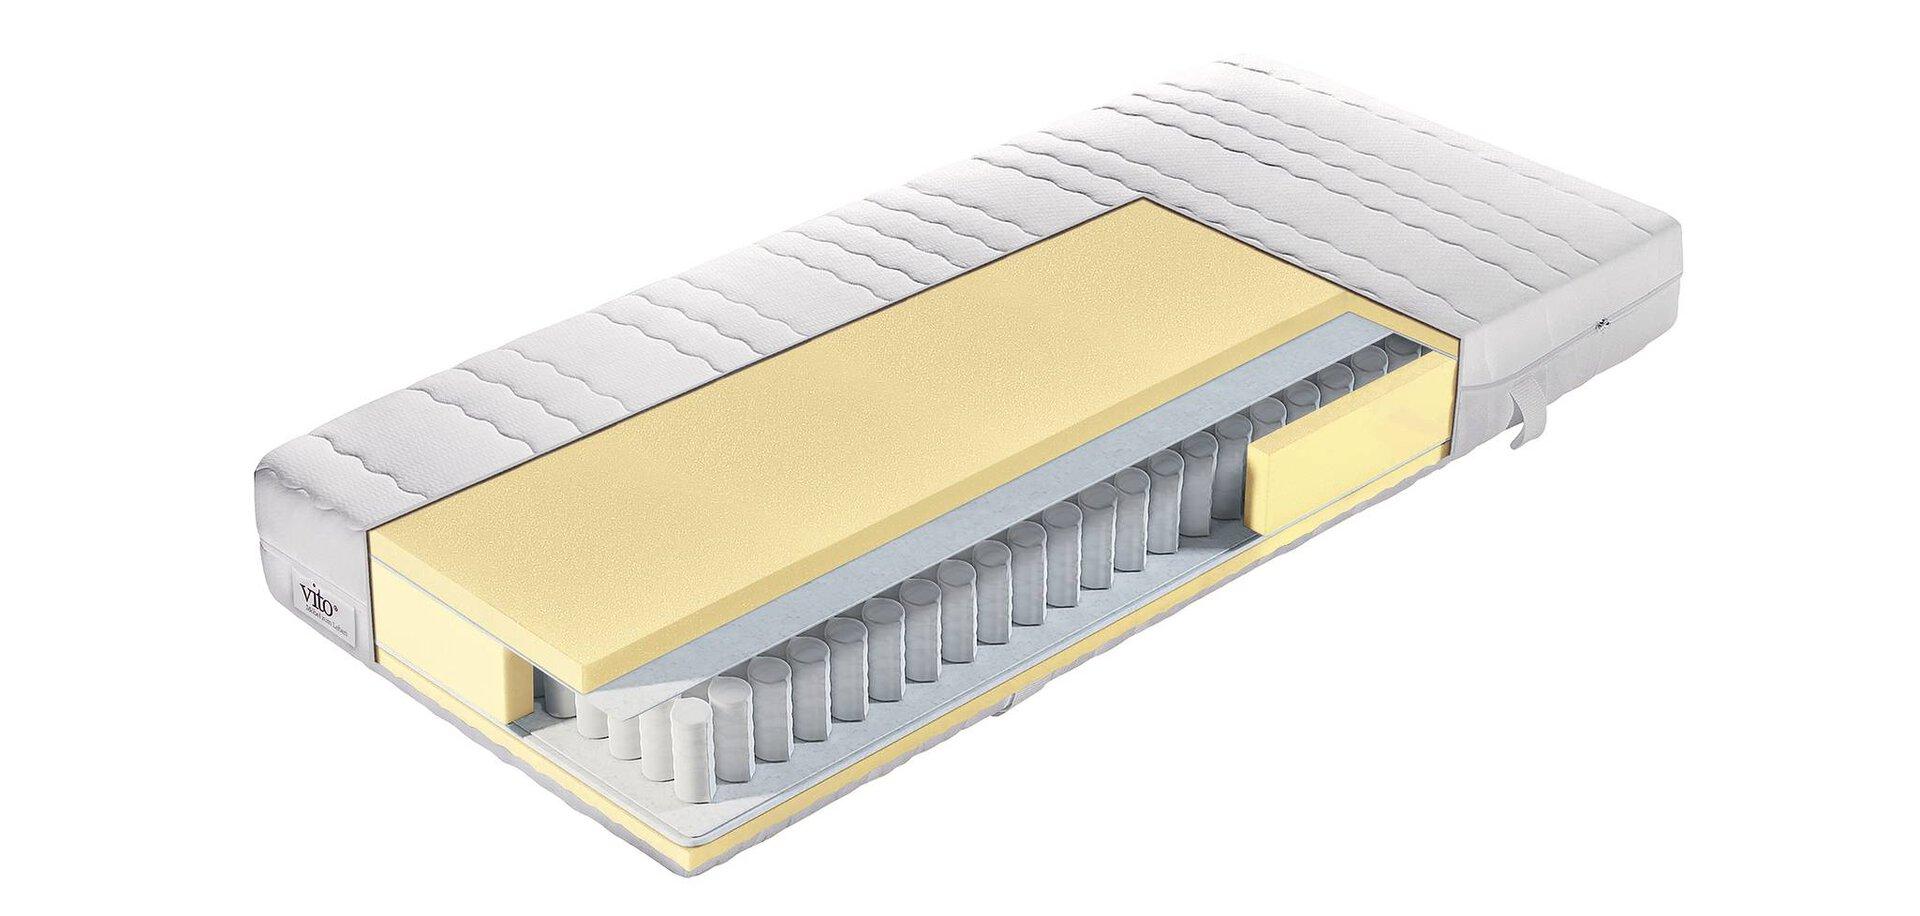 Taschenfederkernmatratze Sensio Basic Vito Textil weiß 160 x 18 x 200 cm